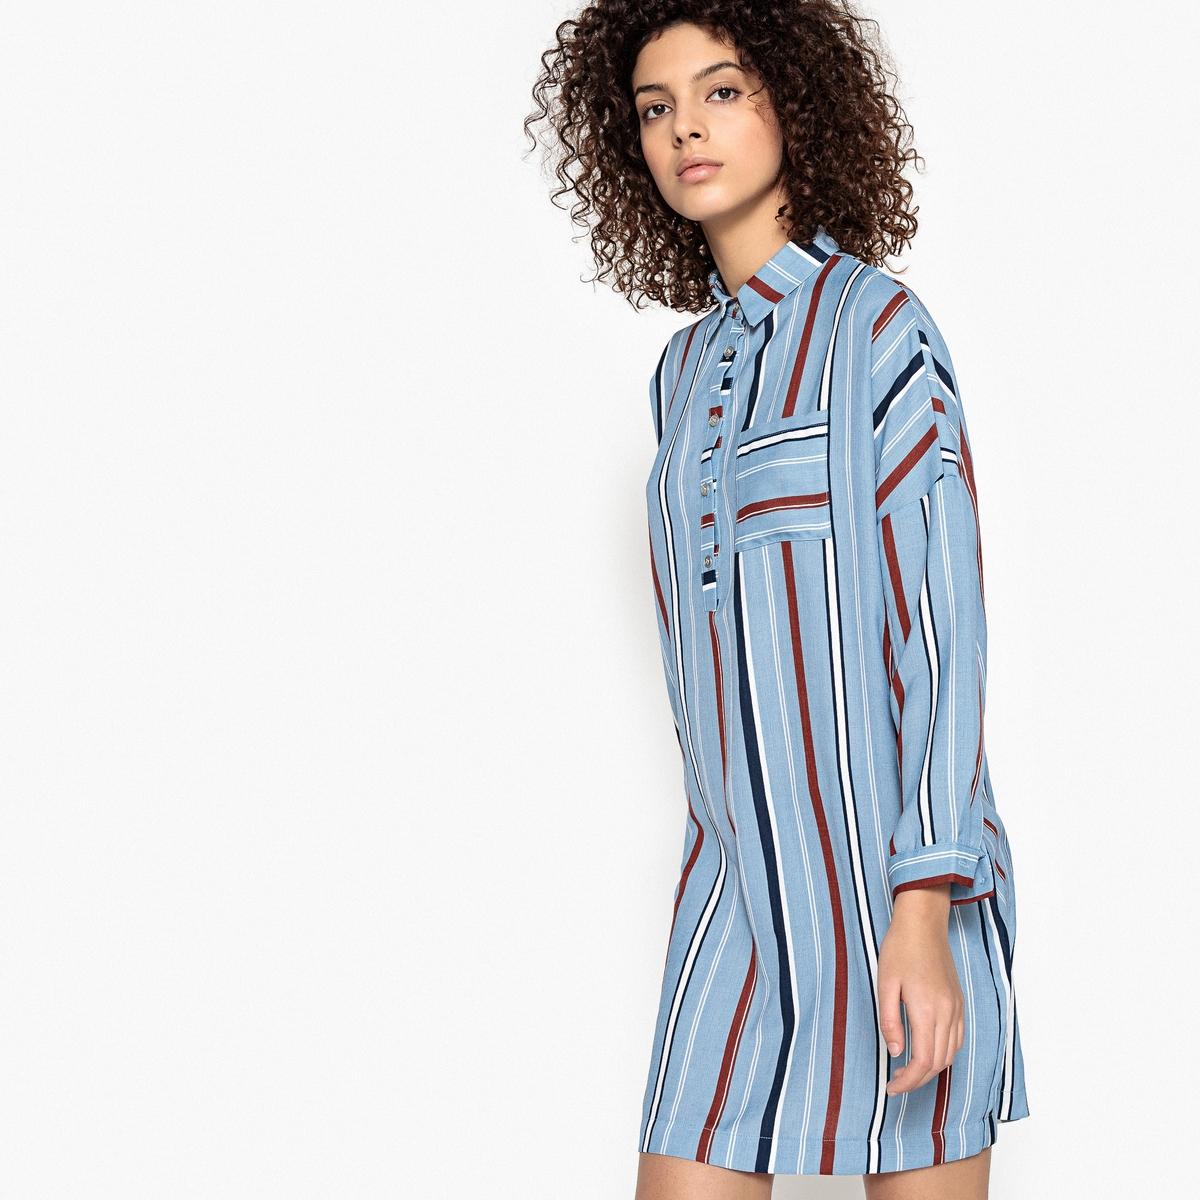 Платье-рубашка в полоску CESARДетали •  Форма : прямая •  Укороченная модель •  Длинные рукава    •  Воротник-поло, рубашечный •  Рисунок в полоску  Состав и уход •  100% полиэстер •  Следуйте рекомендациям по уходу, указанным на этикетке изделия<br><br>Цвет: синий/красный/белый<br>Размер: S.M.XS